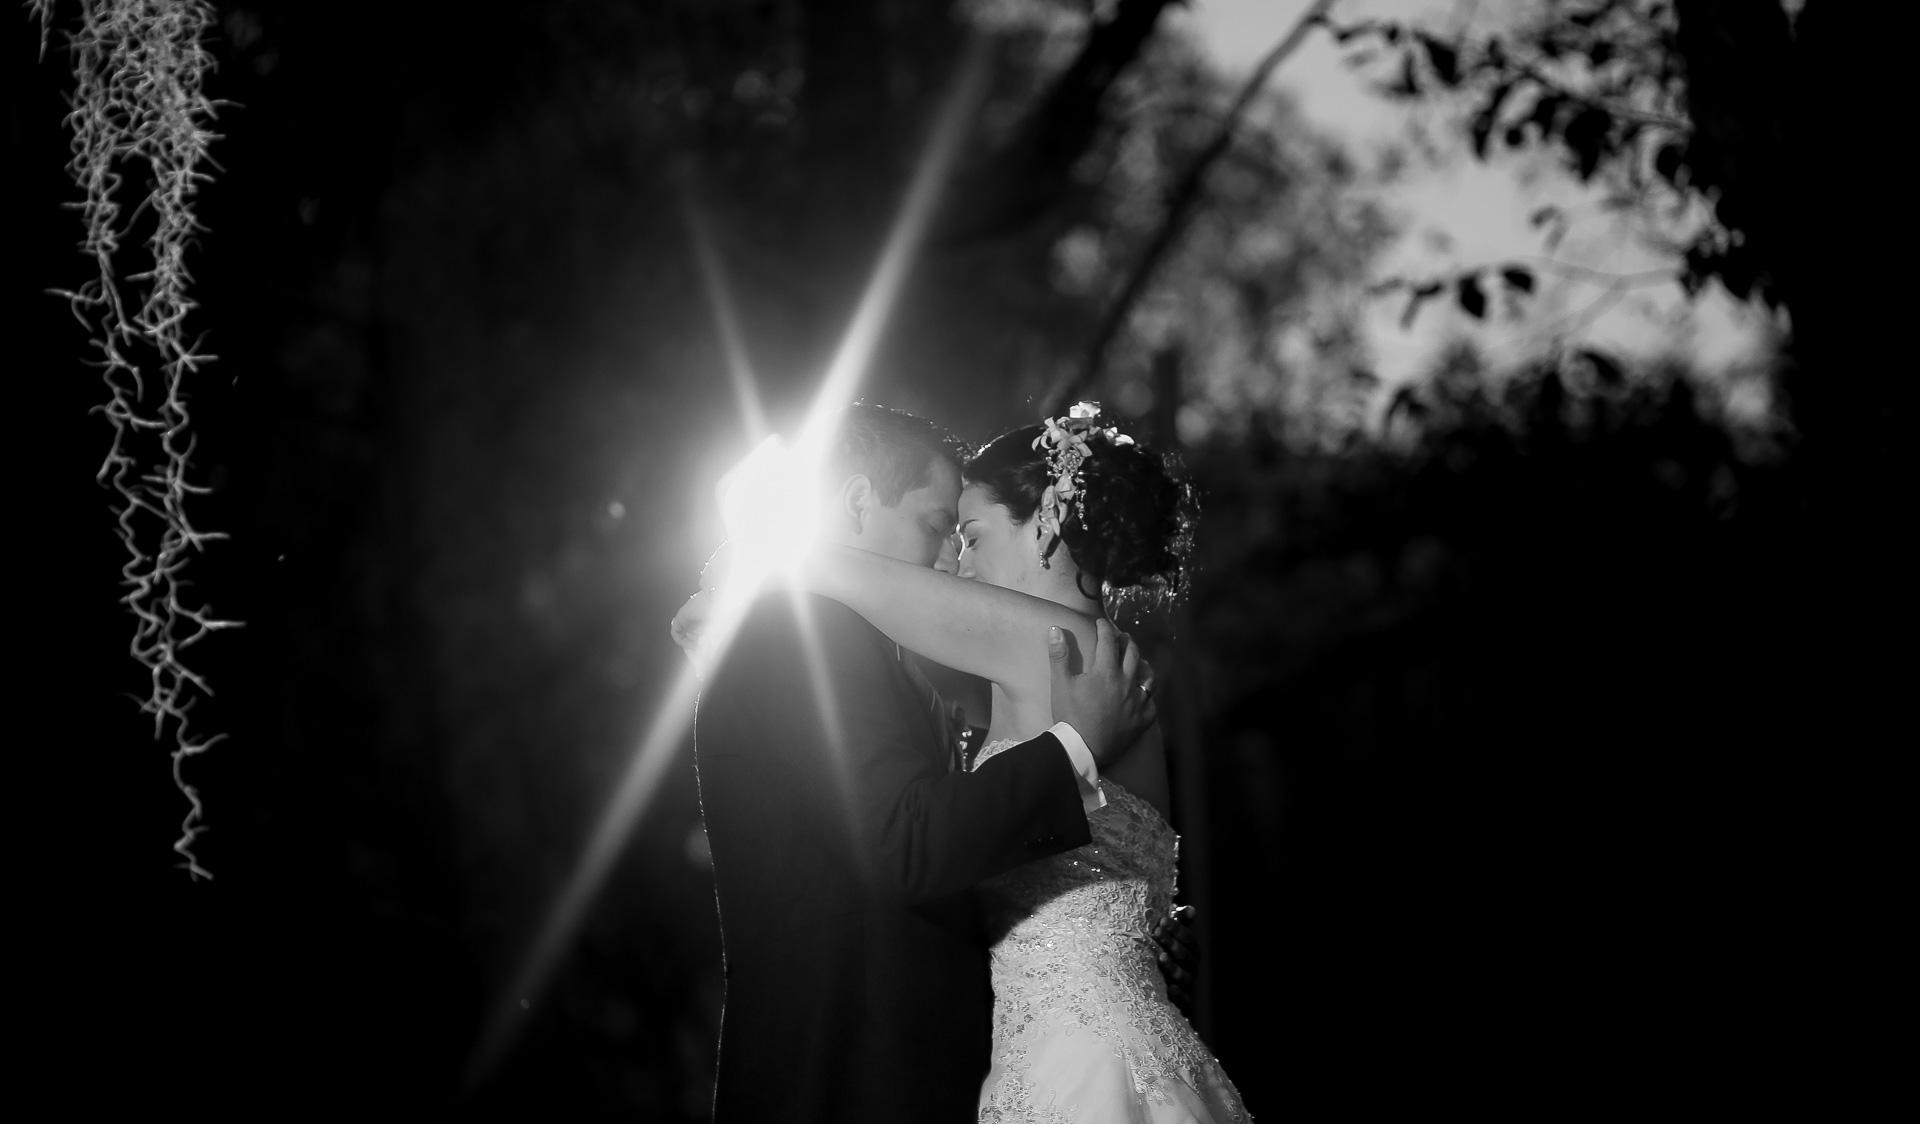 Fotógrafos-de-bodas-en-Colombia-Angela-y-Camilo-9 ANGELA + CAMILO